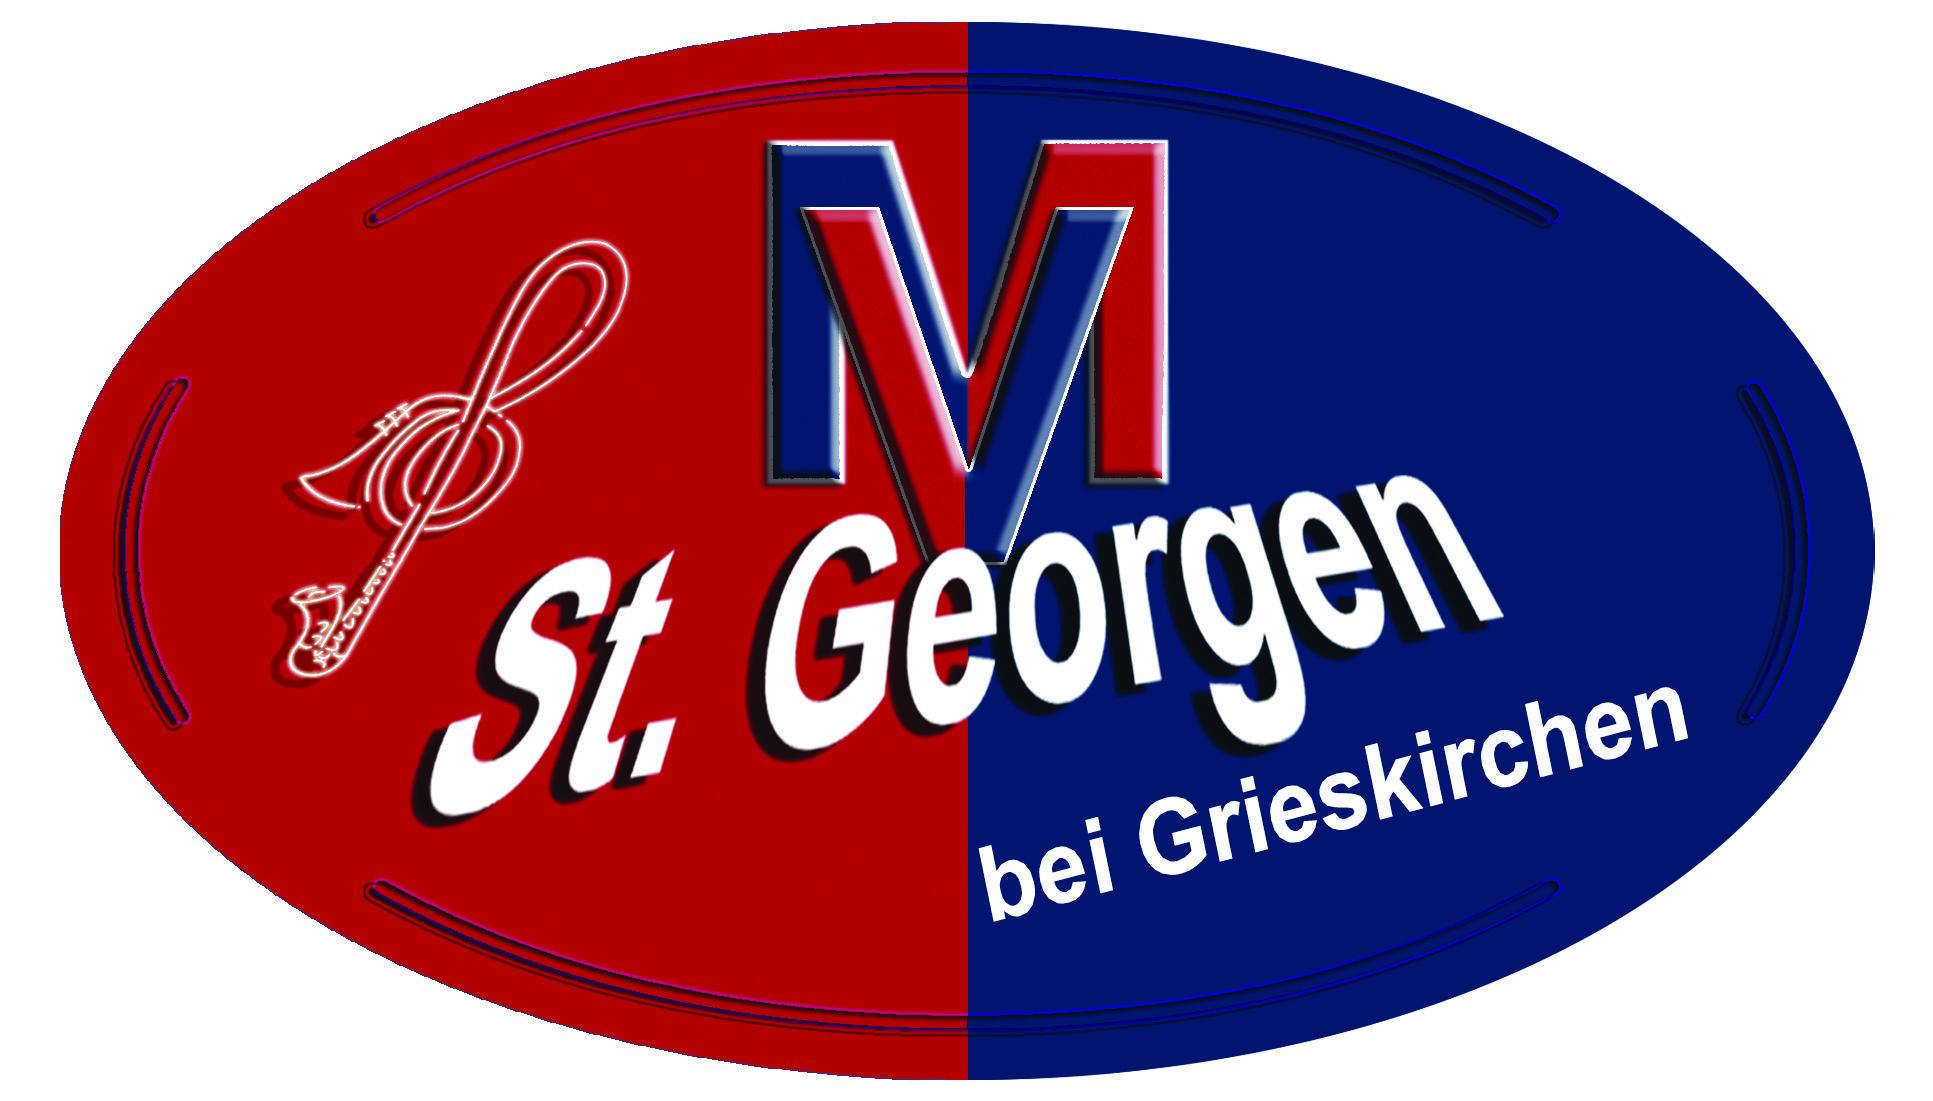 Musikverein St. Georgen bei Grieskirchen